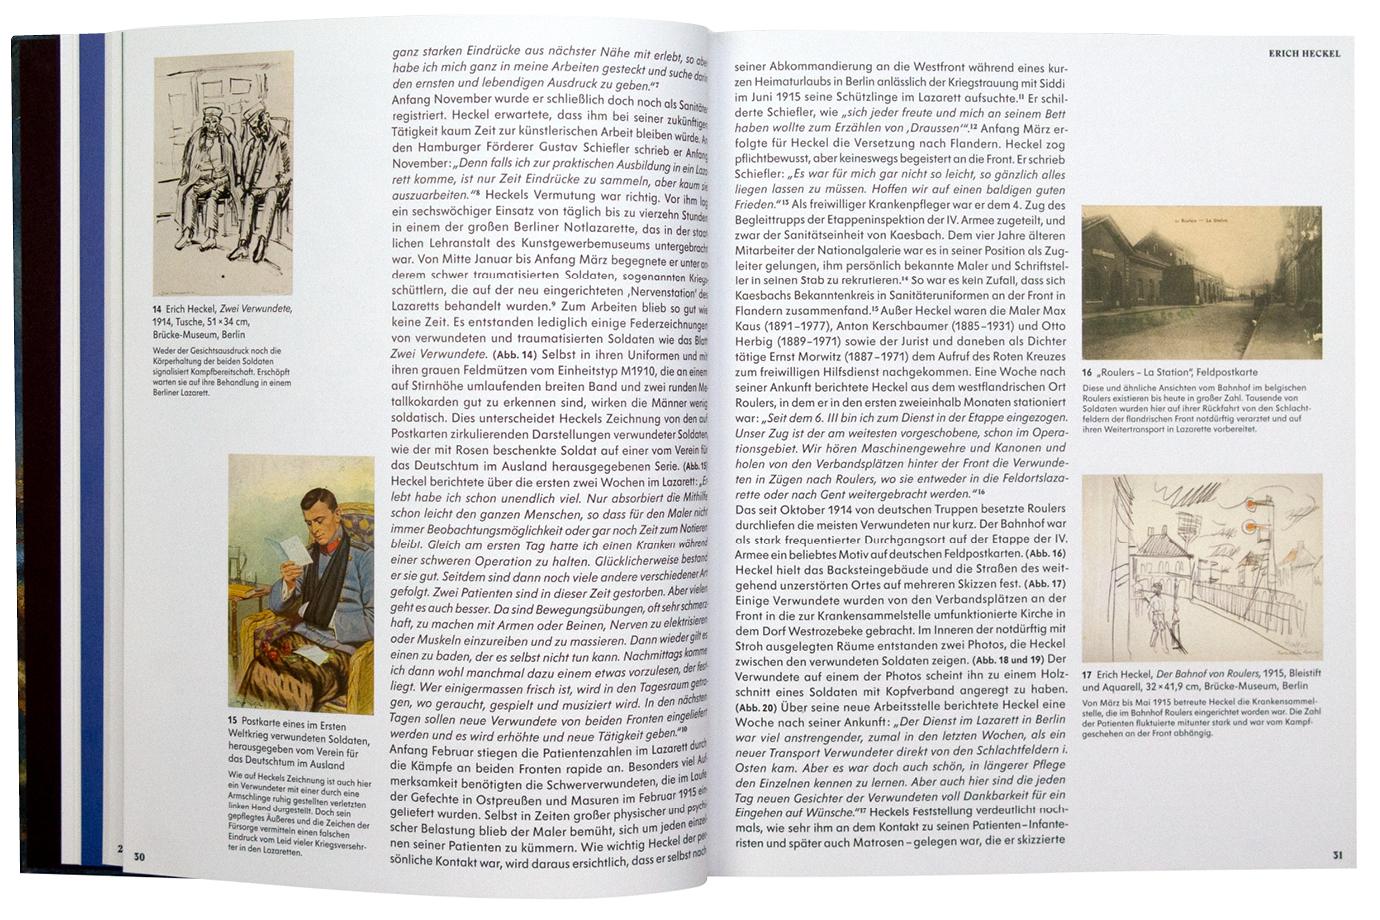 http://e-o-t.de/wordpress/wp-content/uploads/2017/06/2014_eot-Weltenbruch-Book-7.jpg